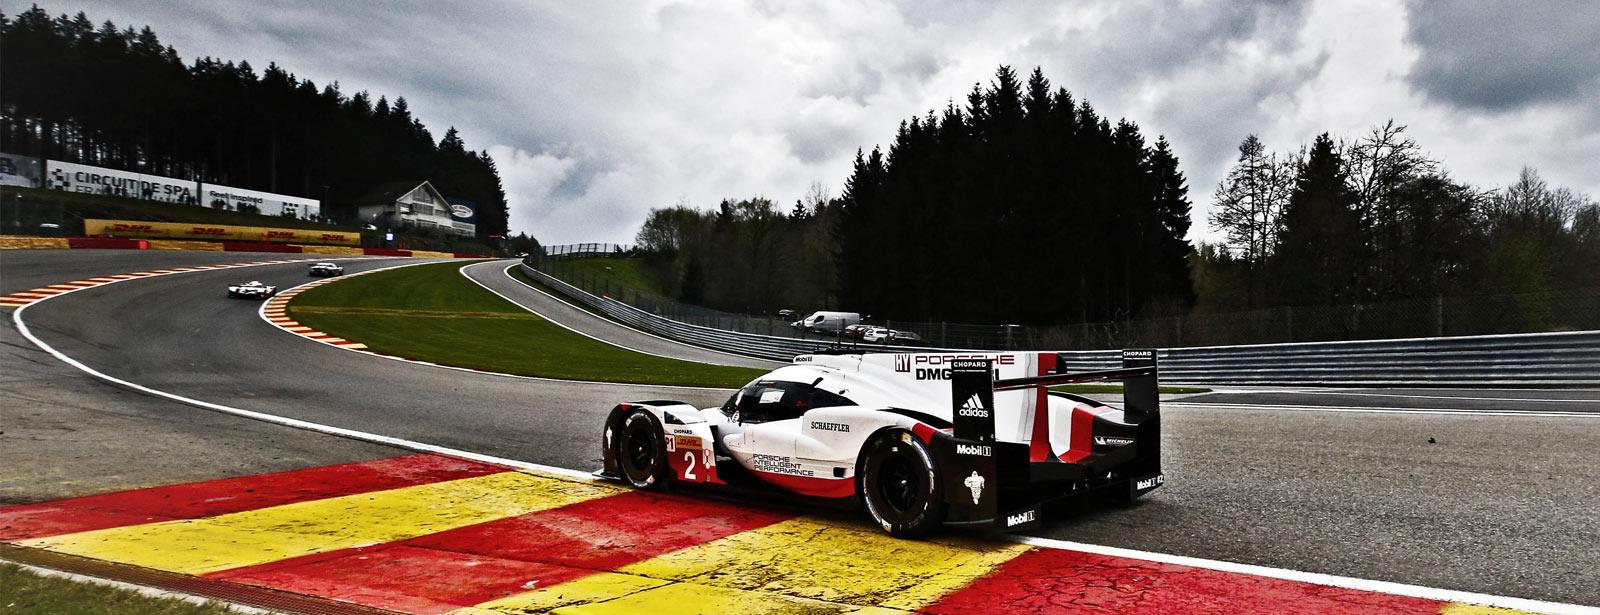 Porsche - FIA WEC 2017 - Spa-Francorchamps - Race